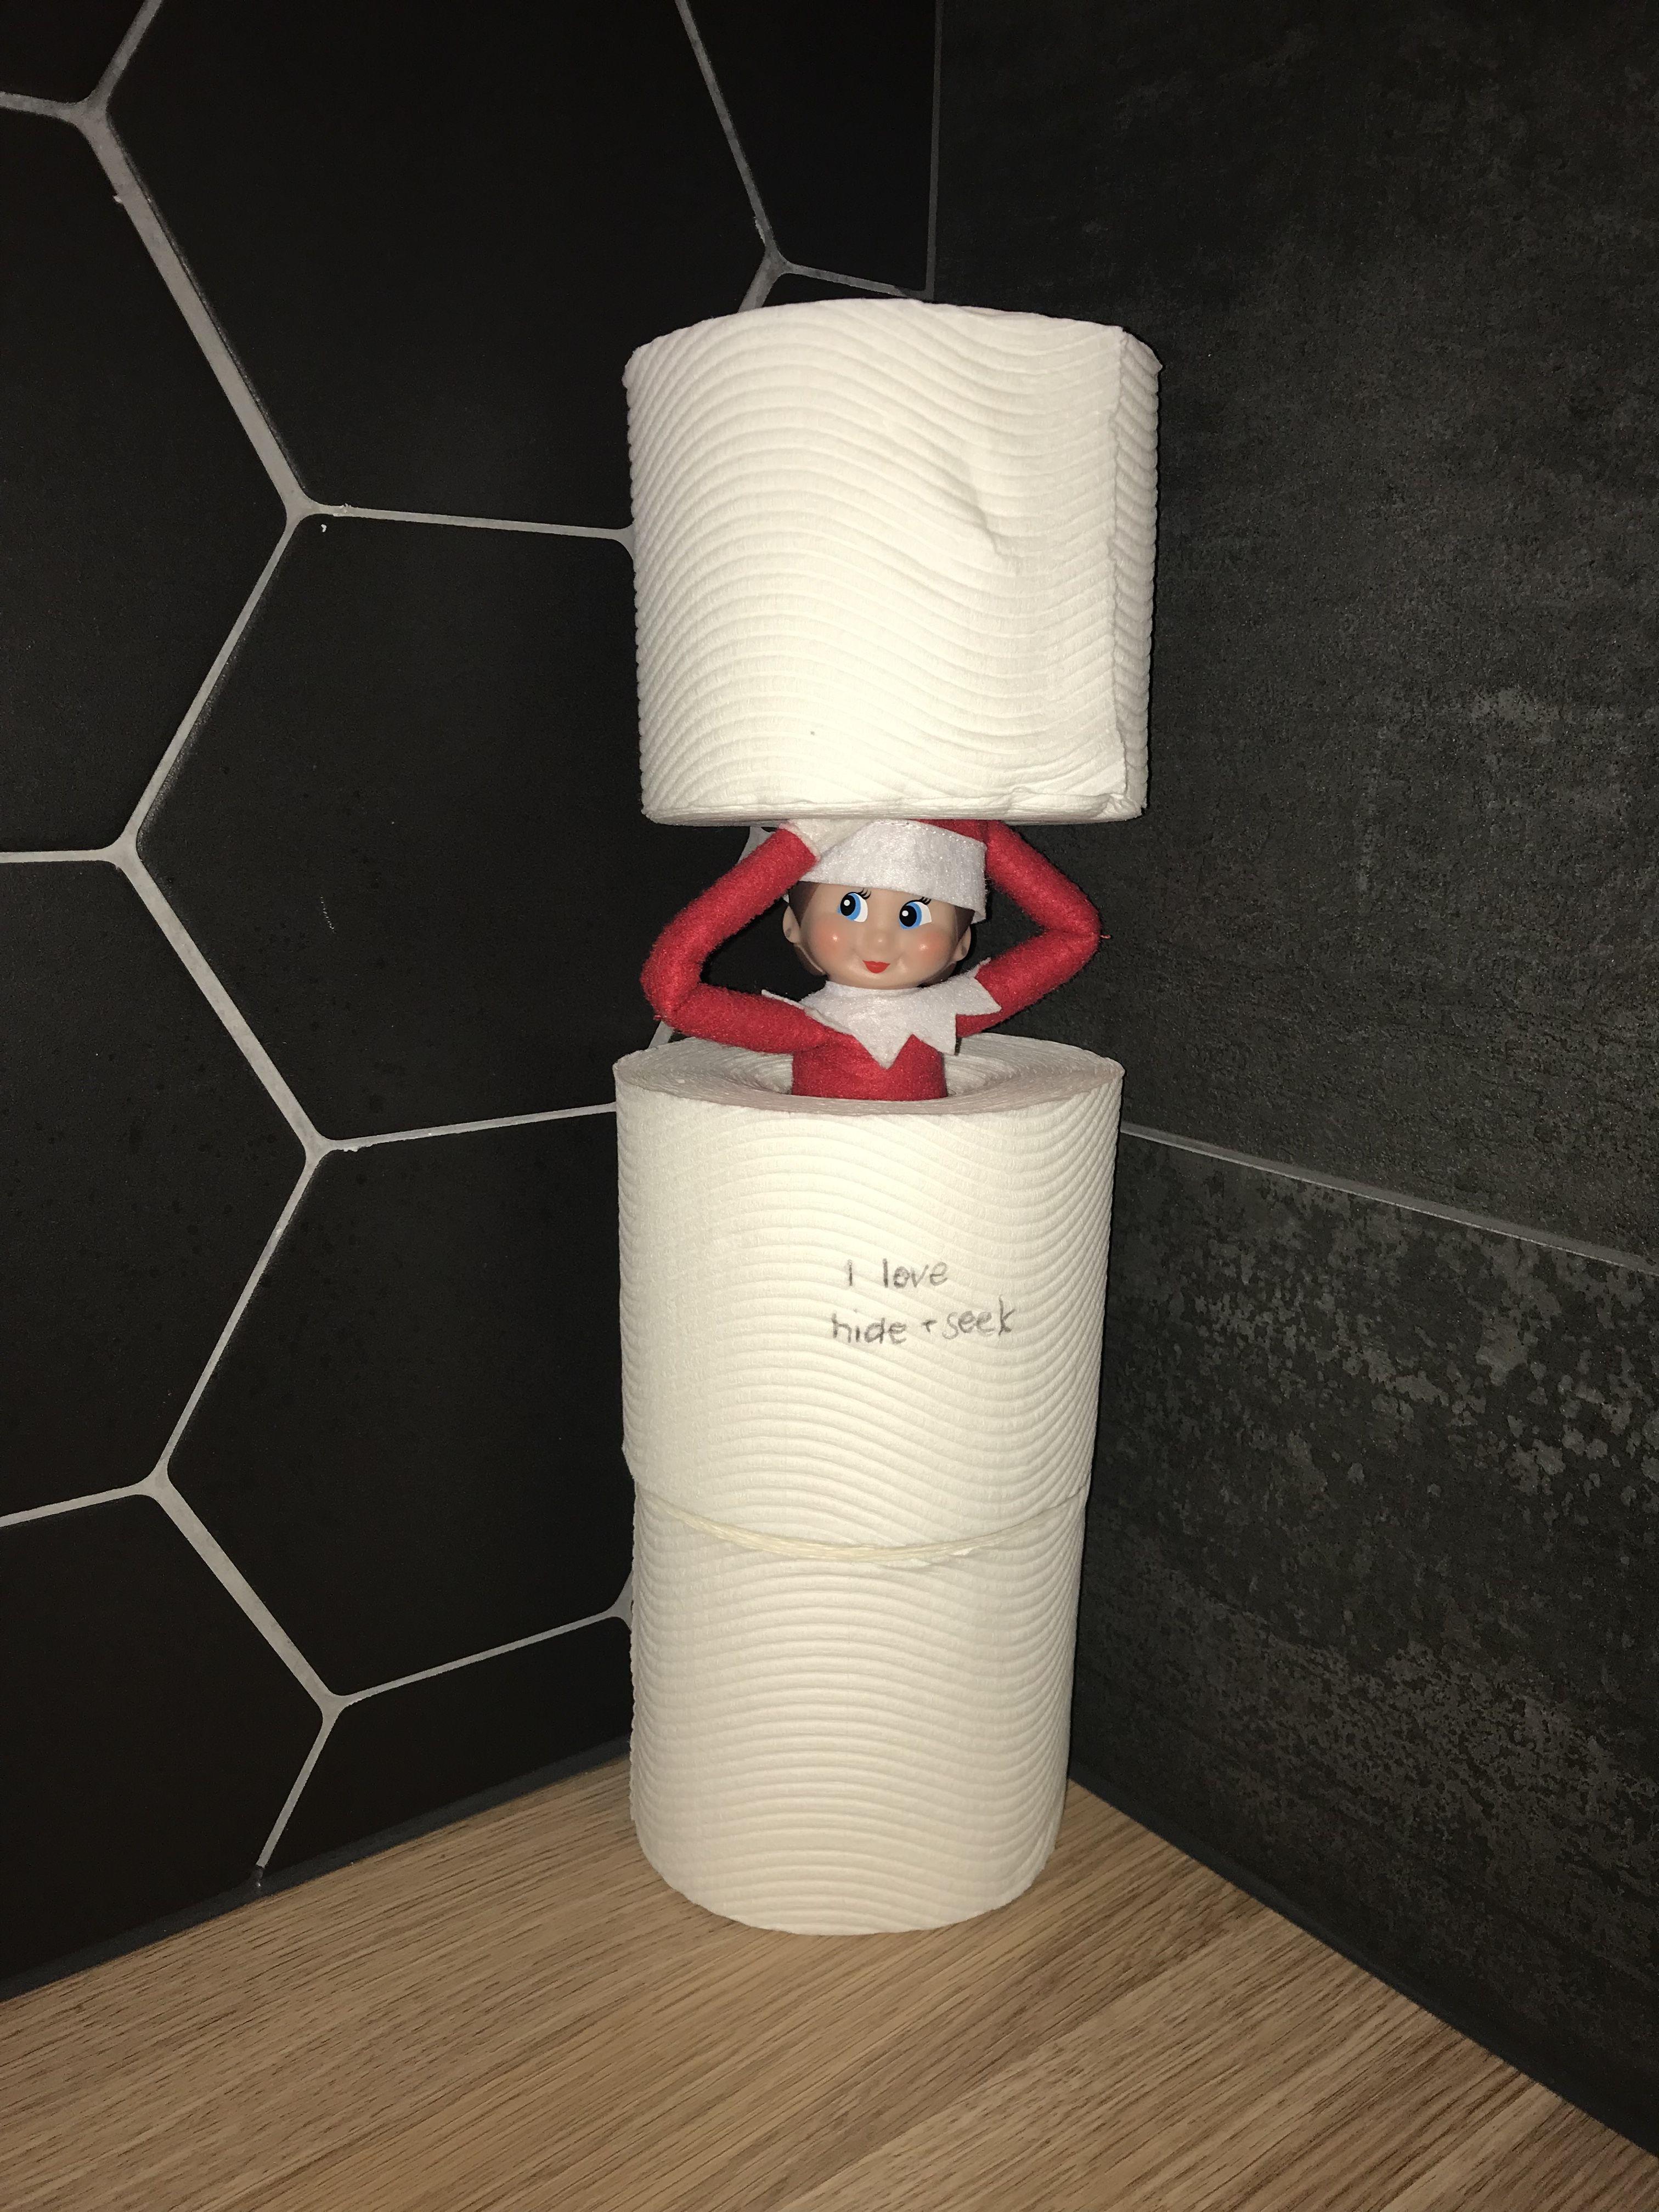 Elf on the shelf hide and seek Elf, Elf on the shelf